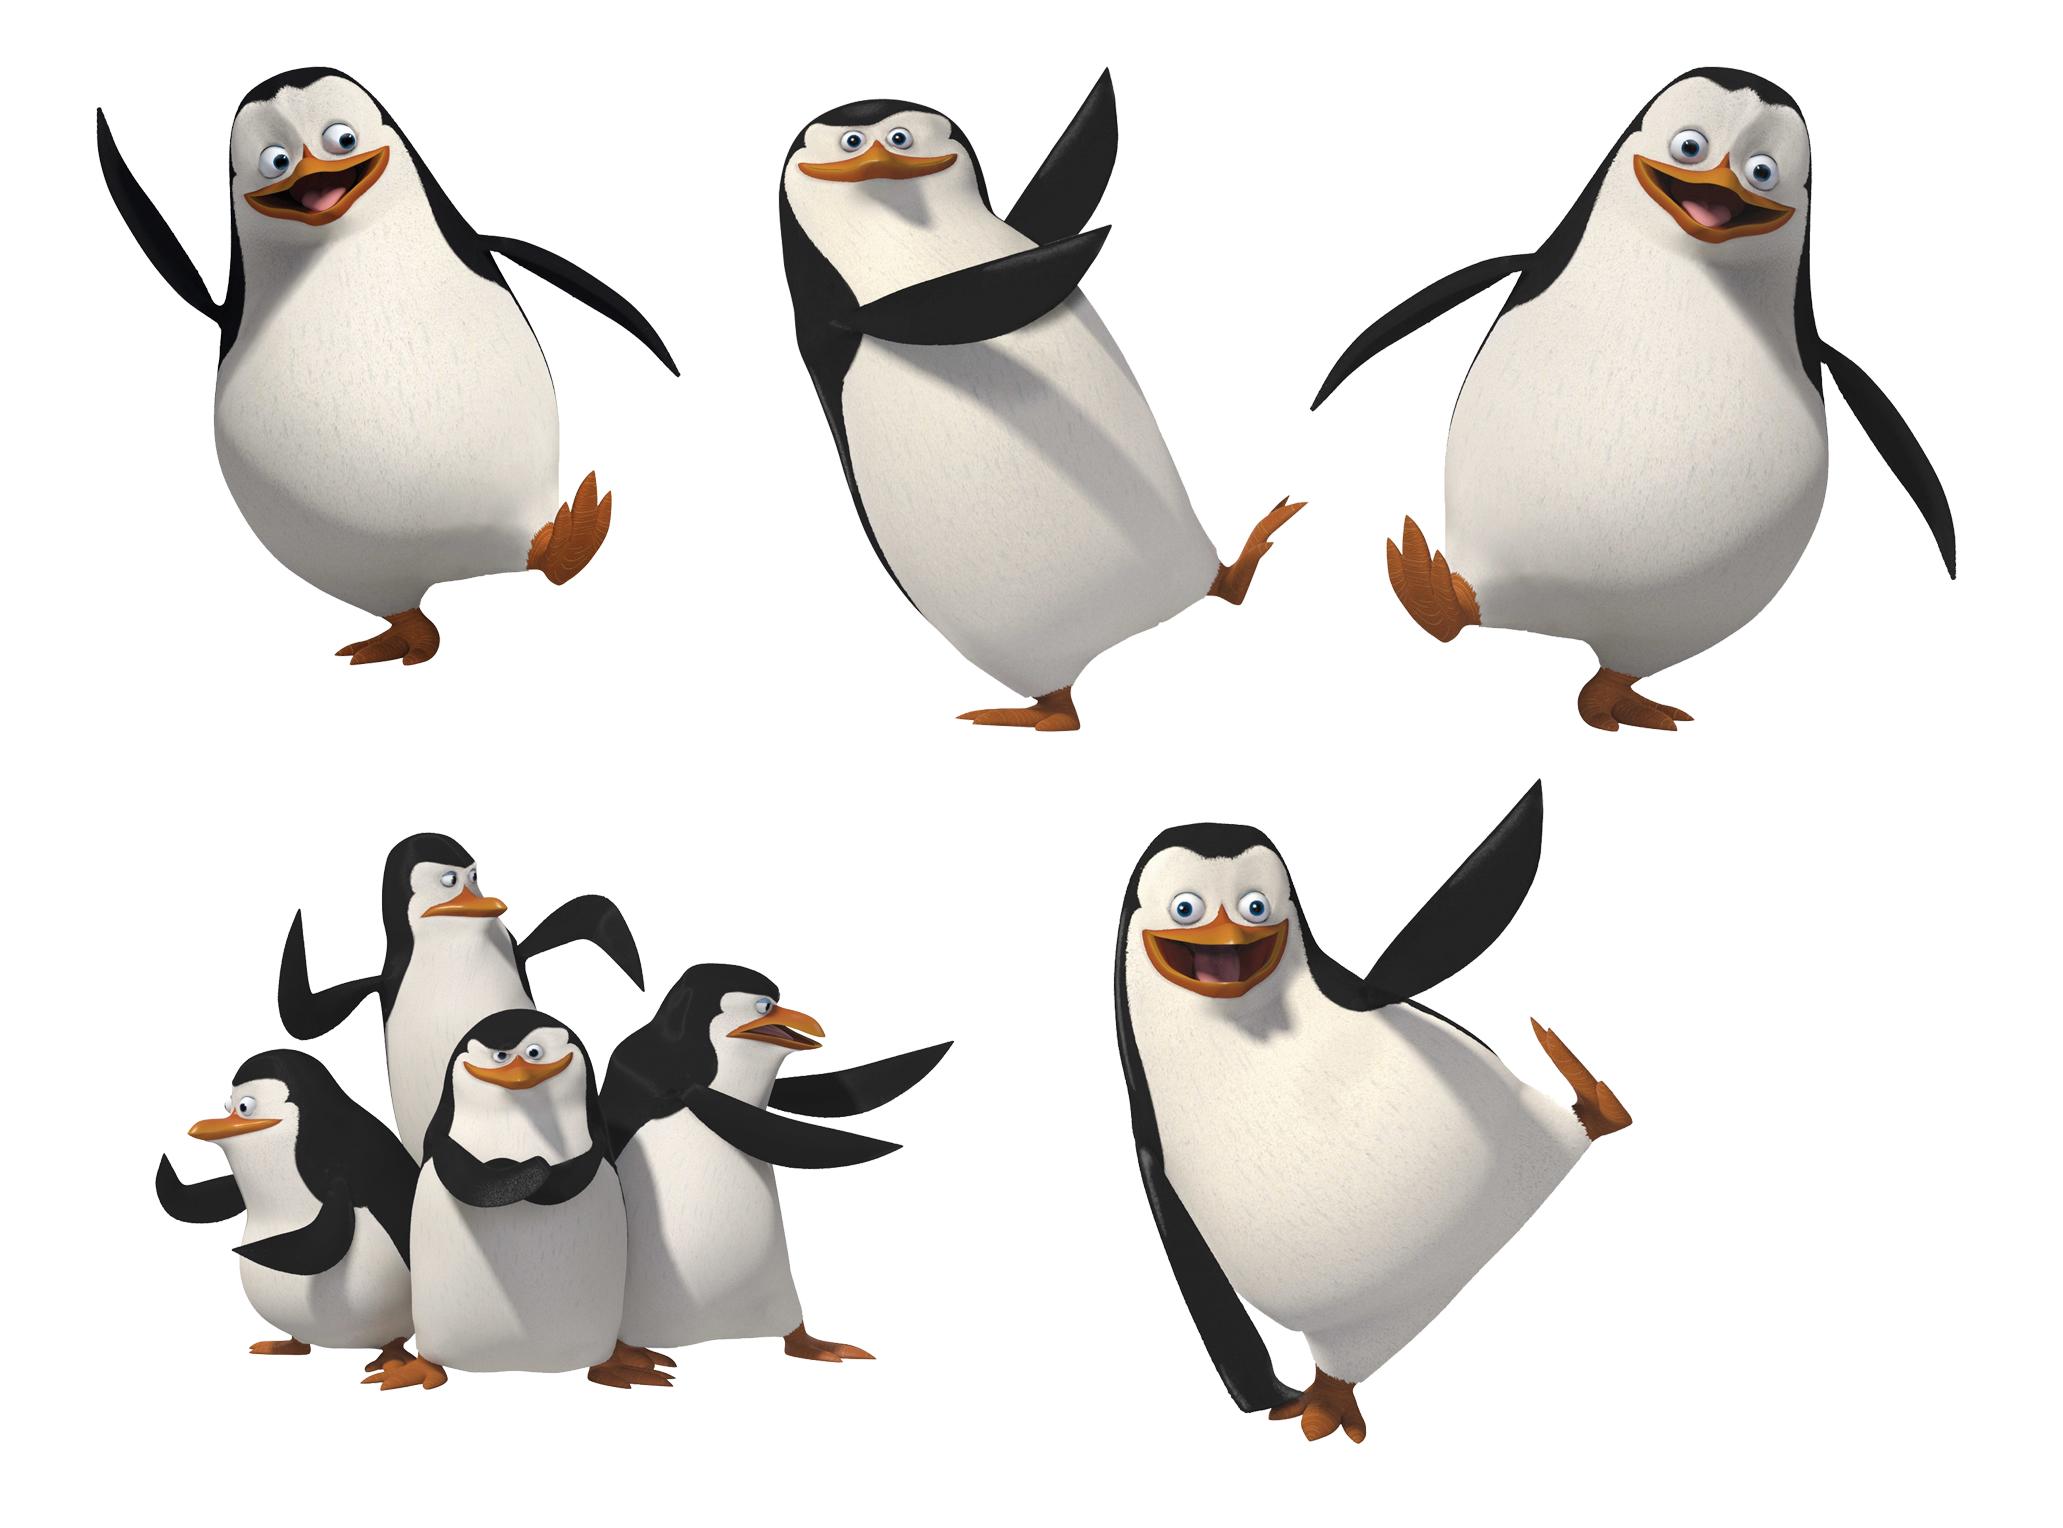 клипарт, скачать фото обои для рабочего стола, пингвины